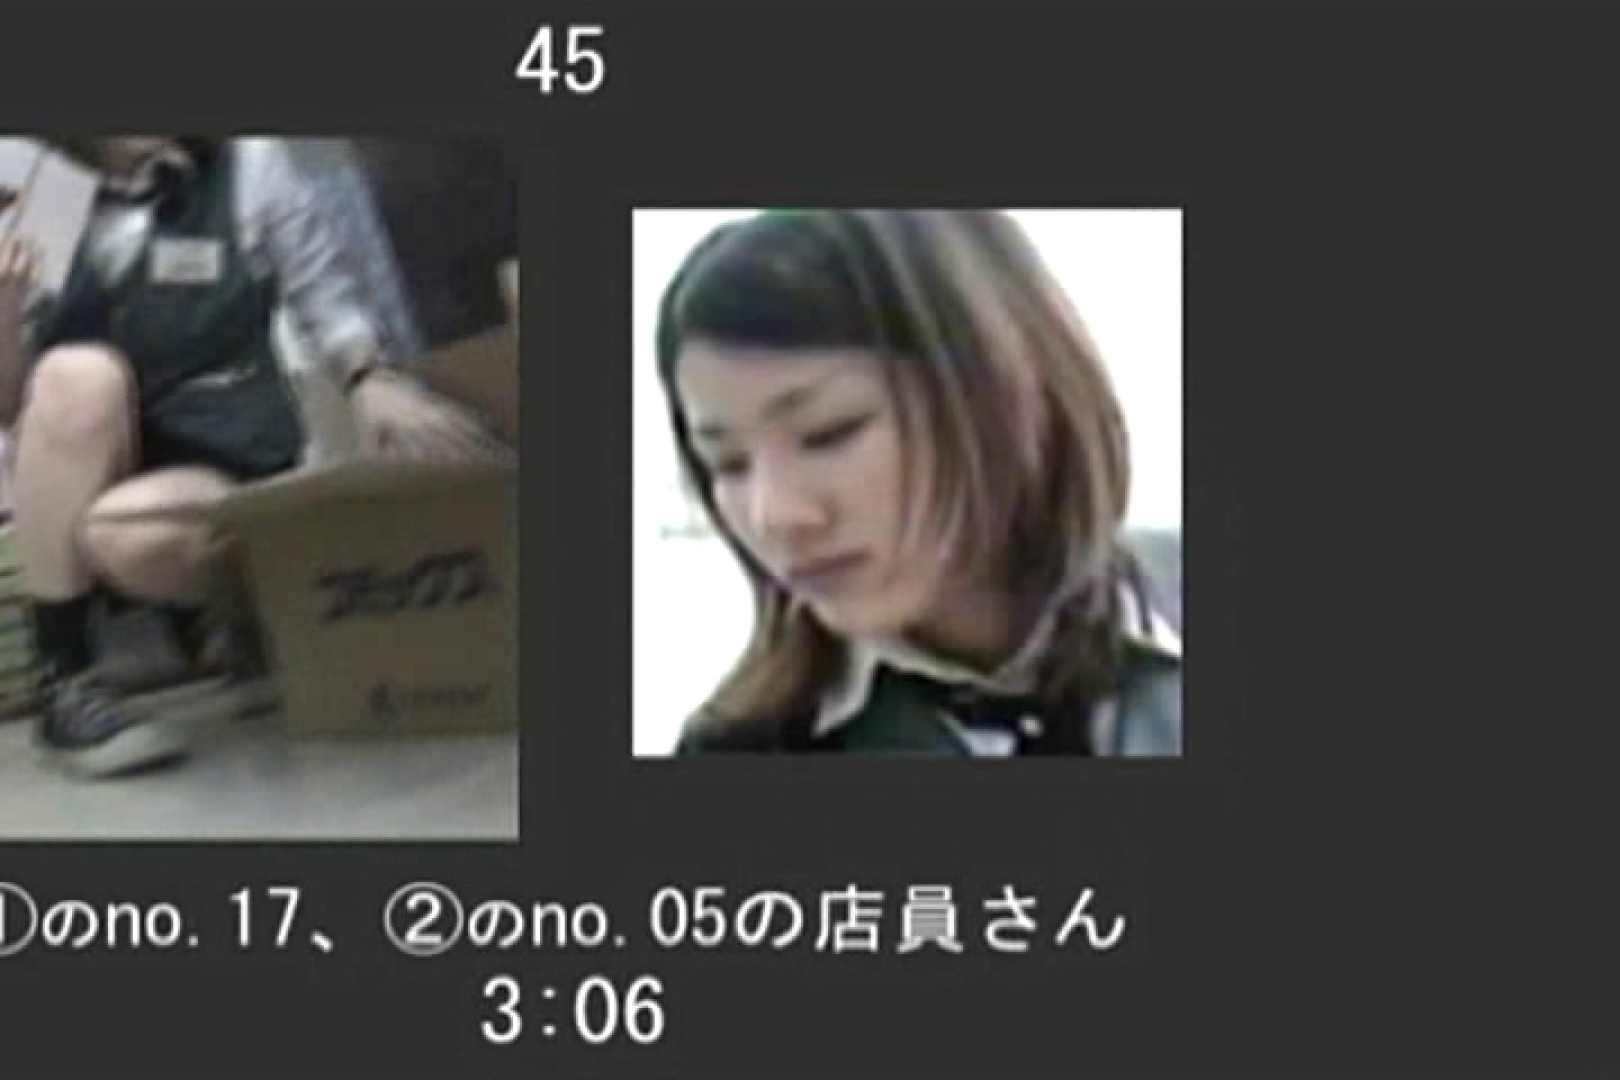 カメラぶっこみ!パンチラ奪取!!Vol.6 OLヌード天国 | パンチラ  94PIX 16